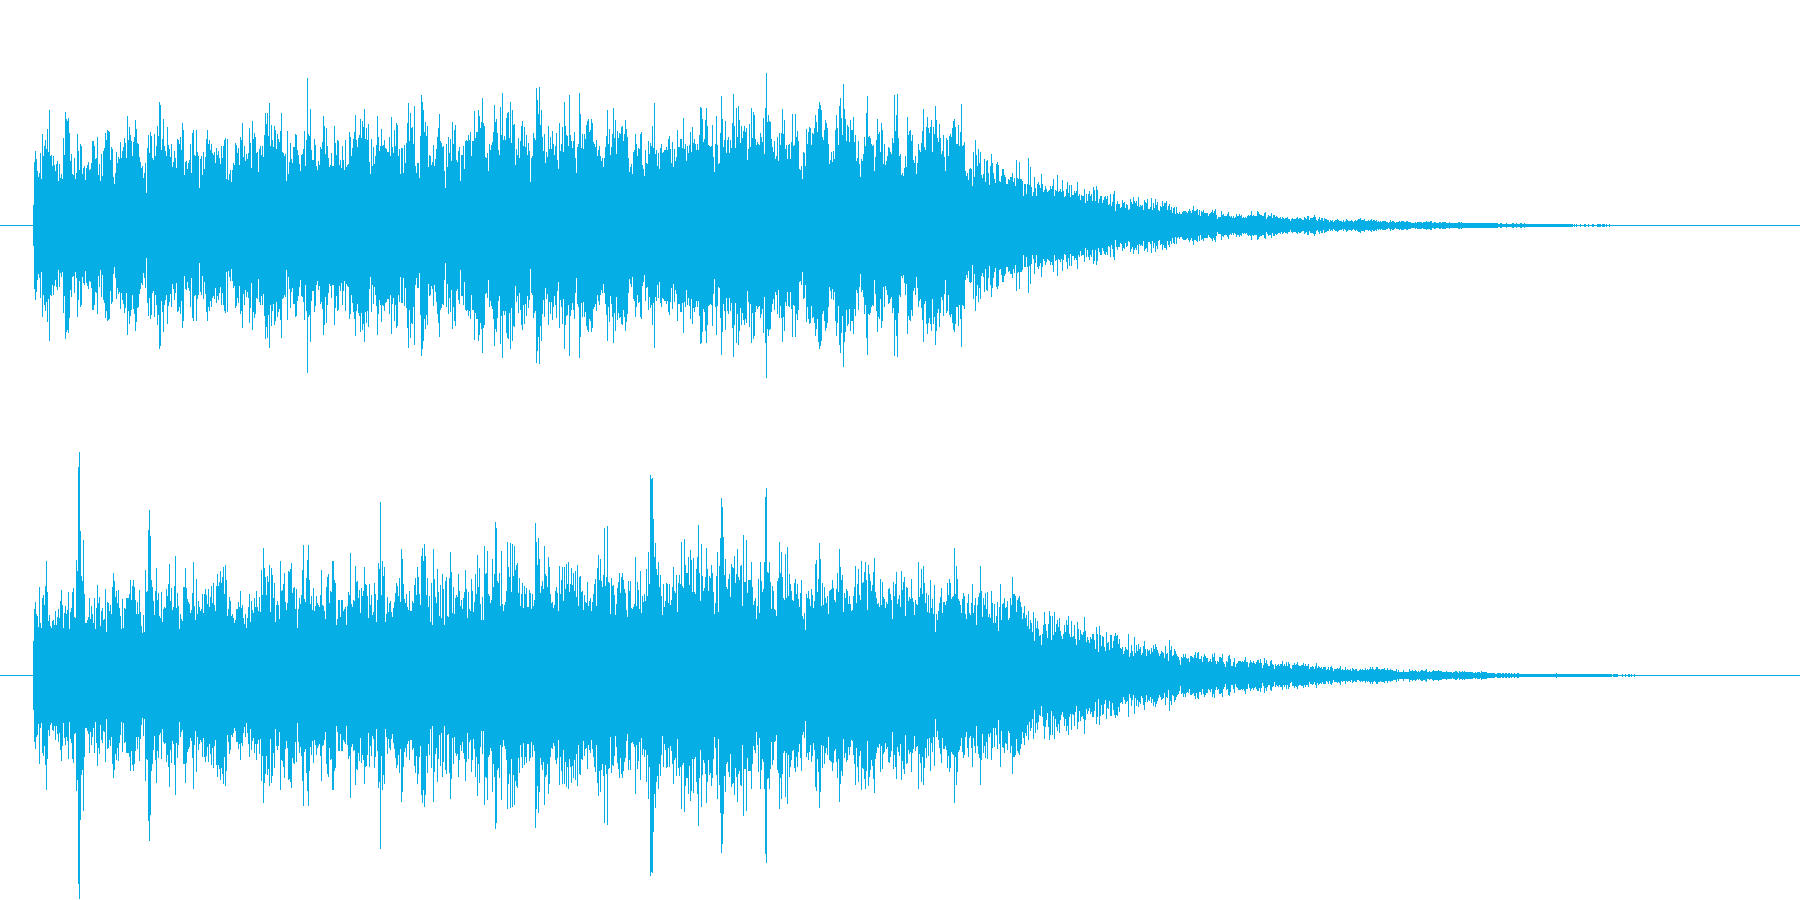 機械的なジングル#01の再生済みの波形